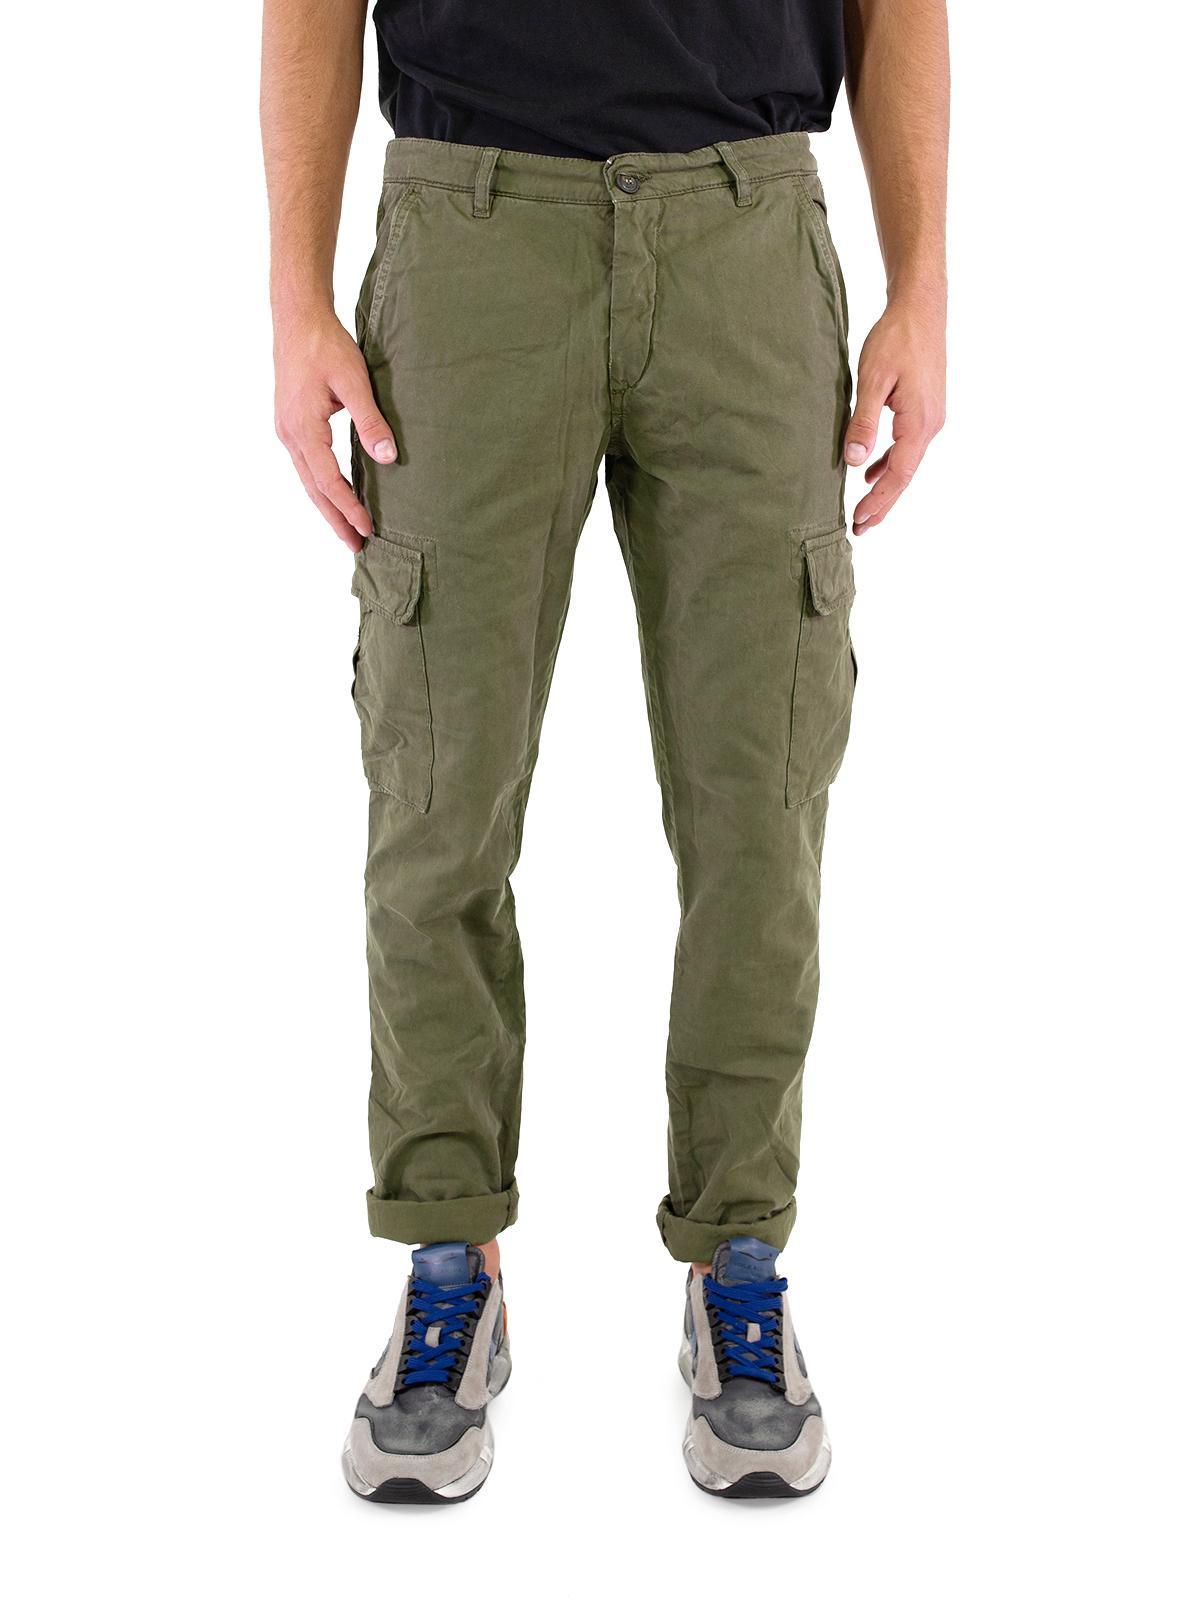 40 Weft Pantalone Aiko 804